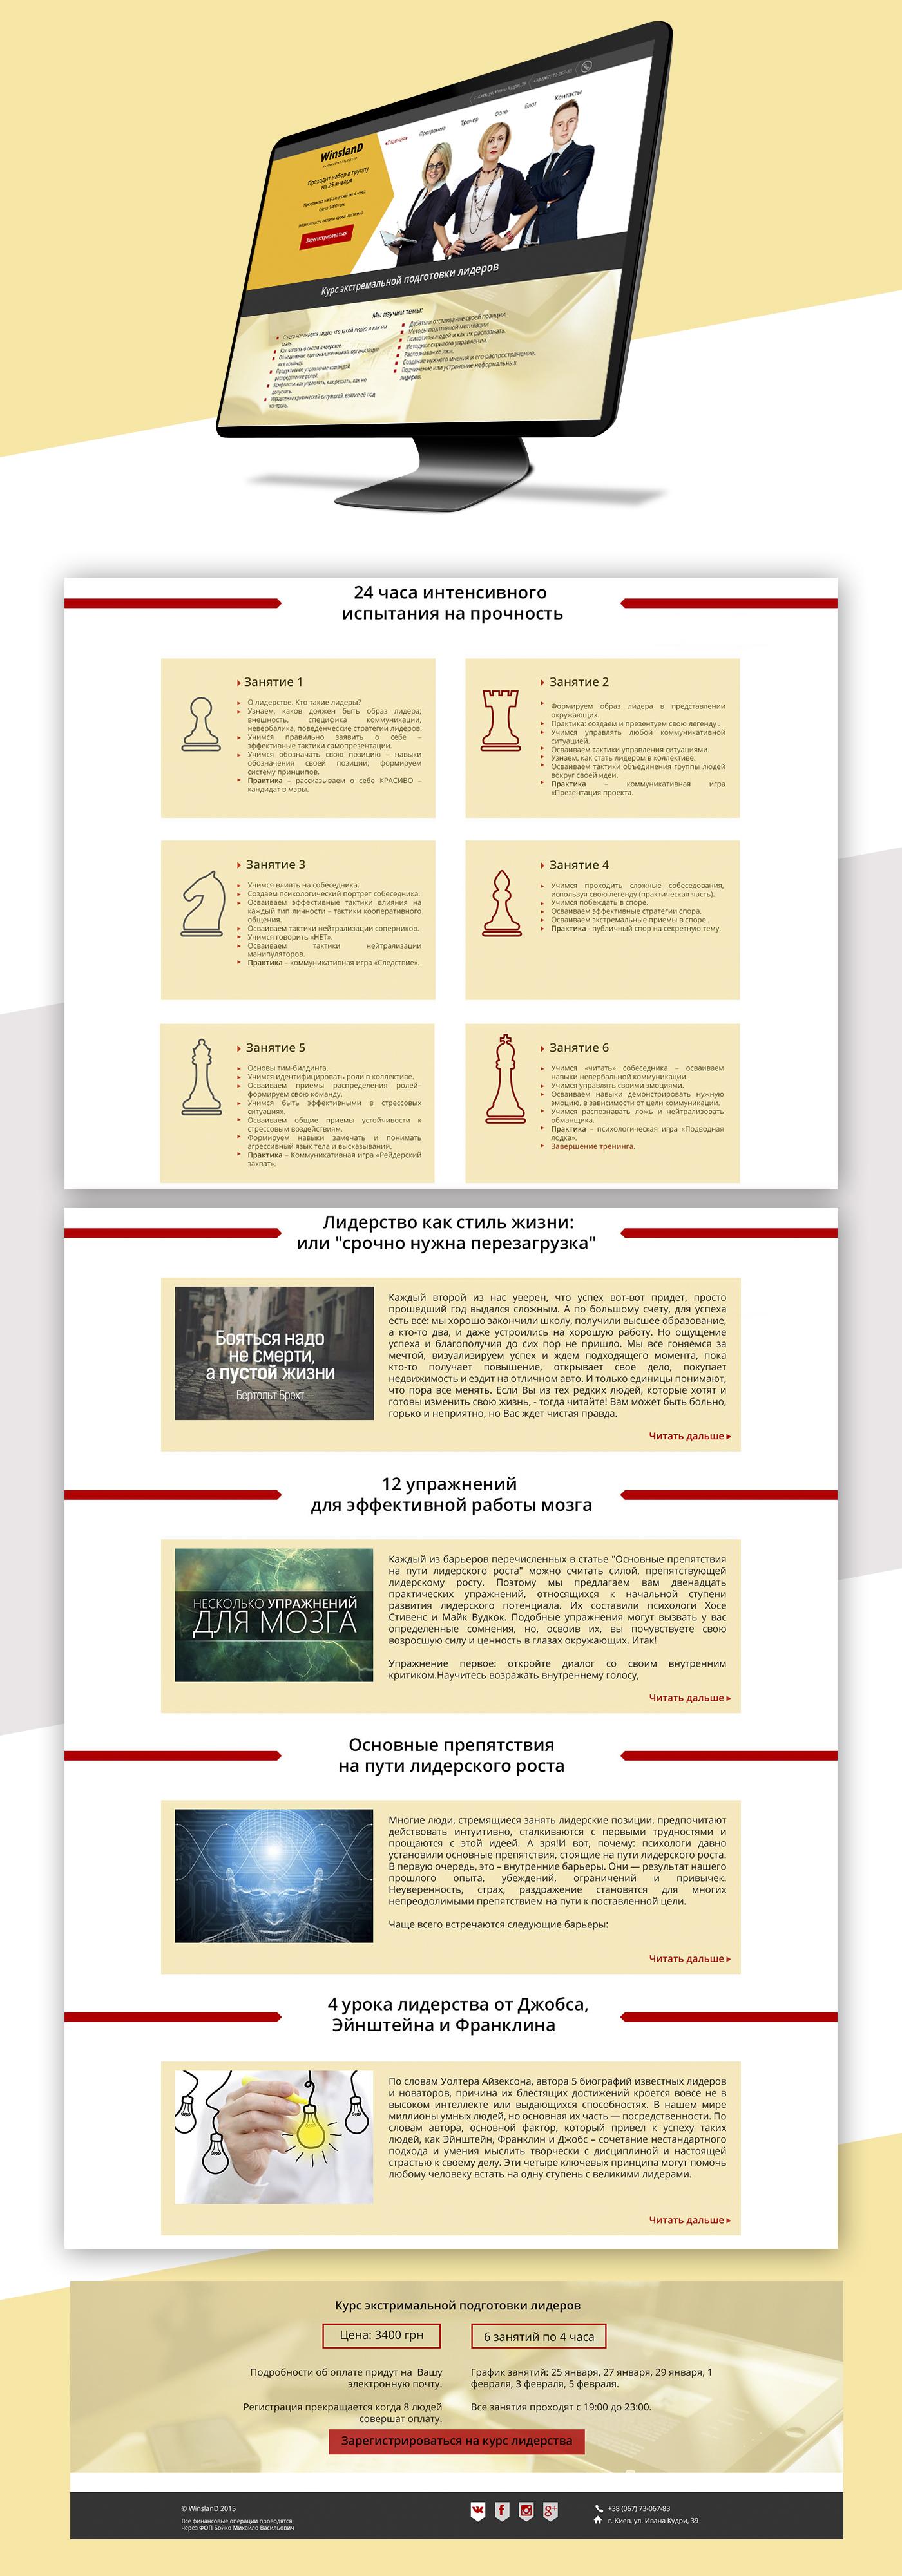 Сайт для курсов Лидерства